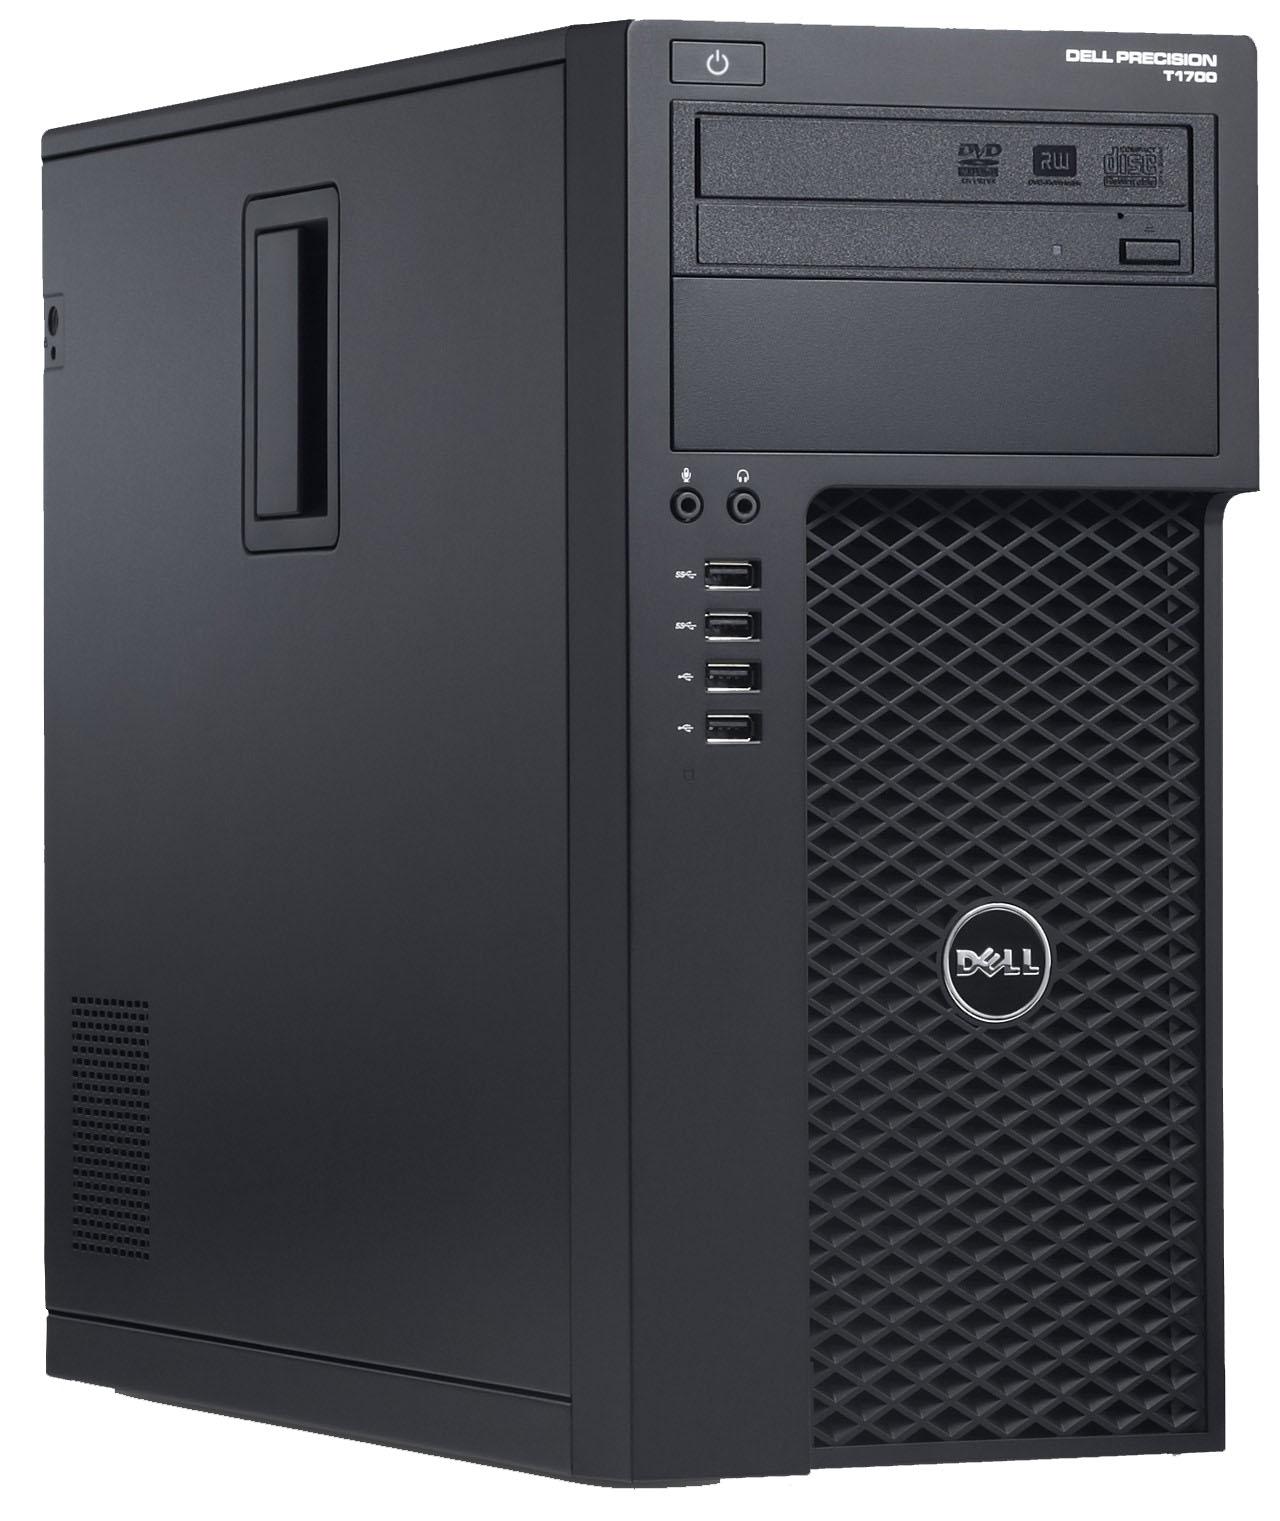 PrecisionКомпьютеры для работы и учебы<br>Десктоп<br>